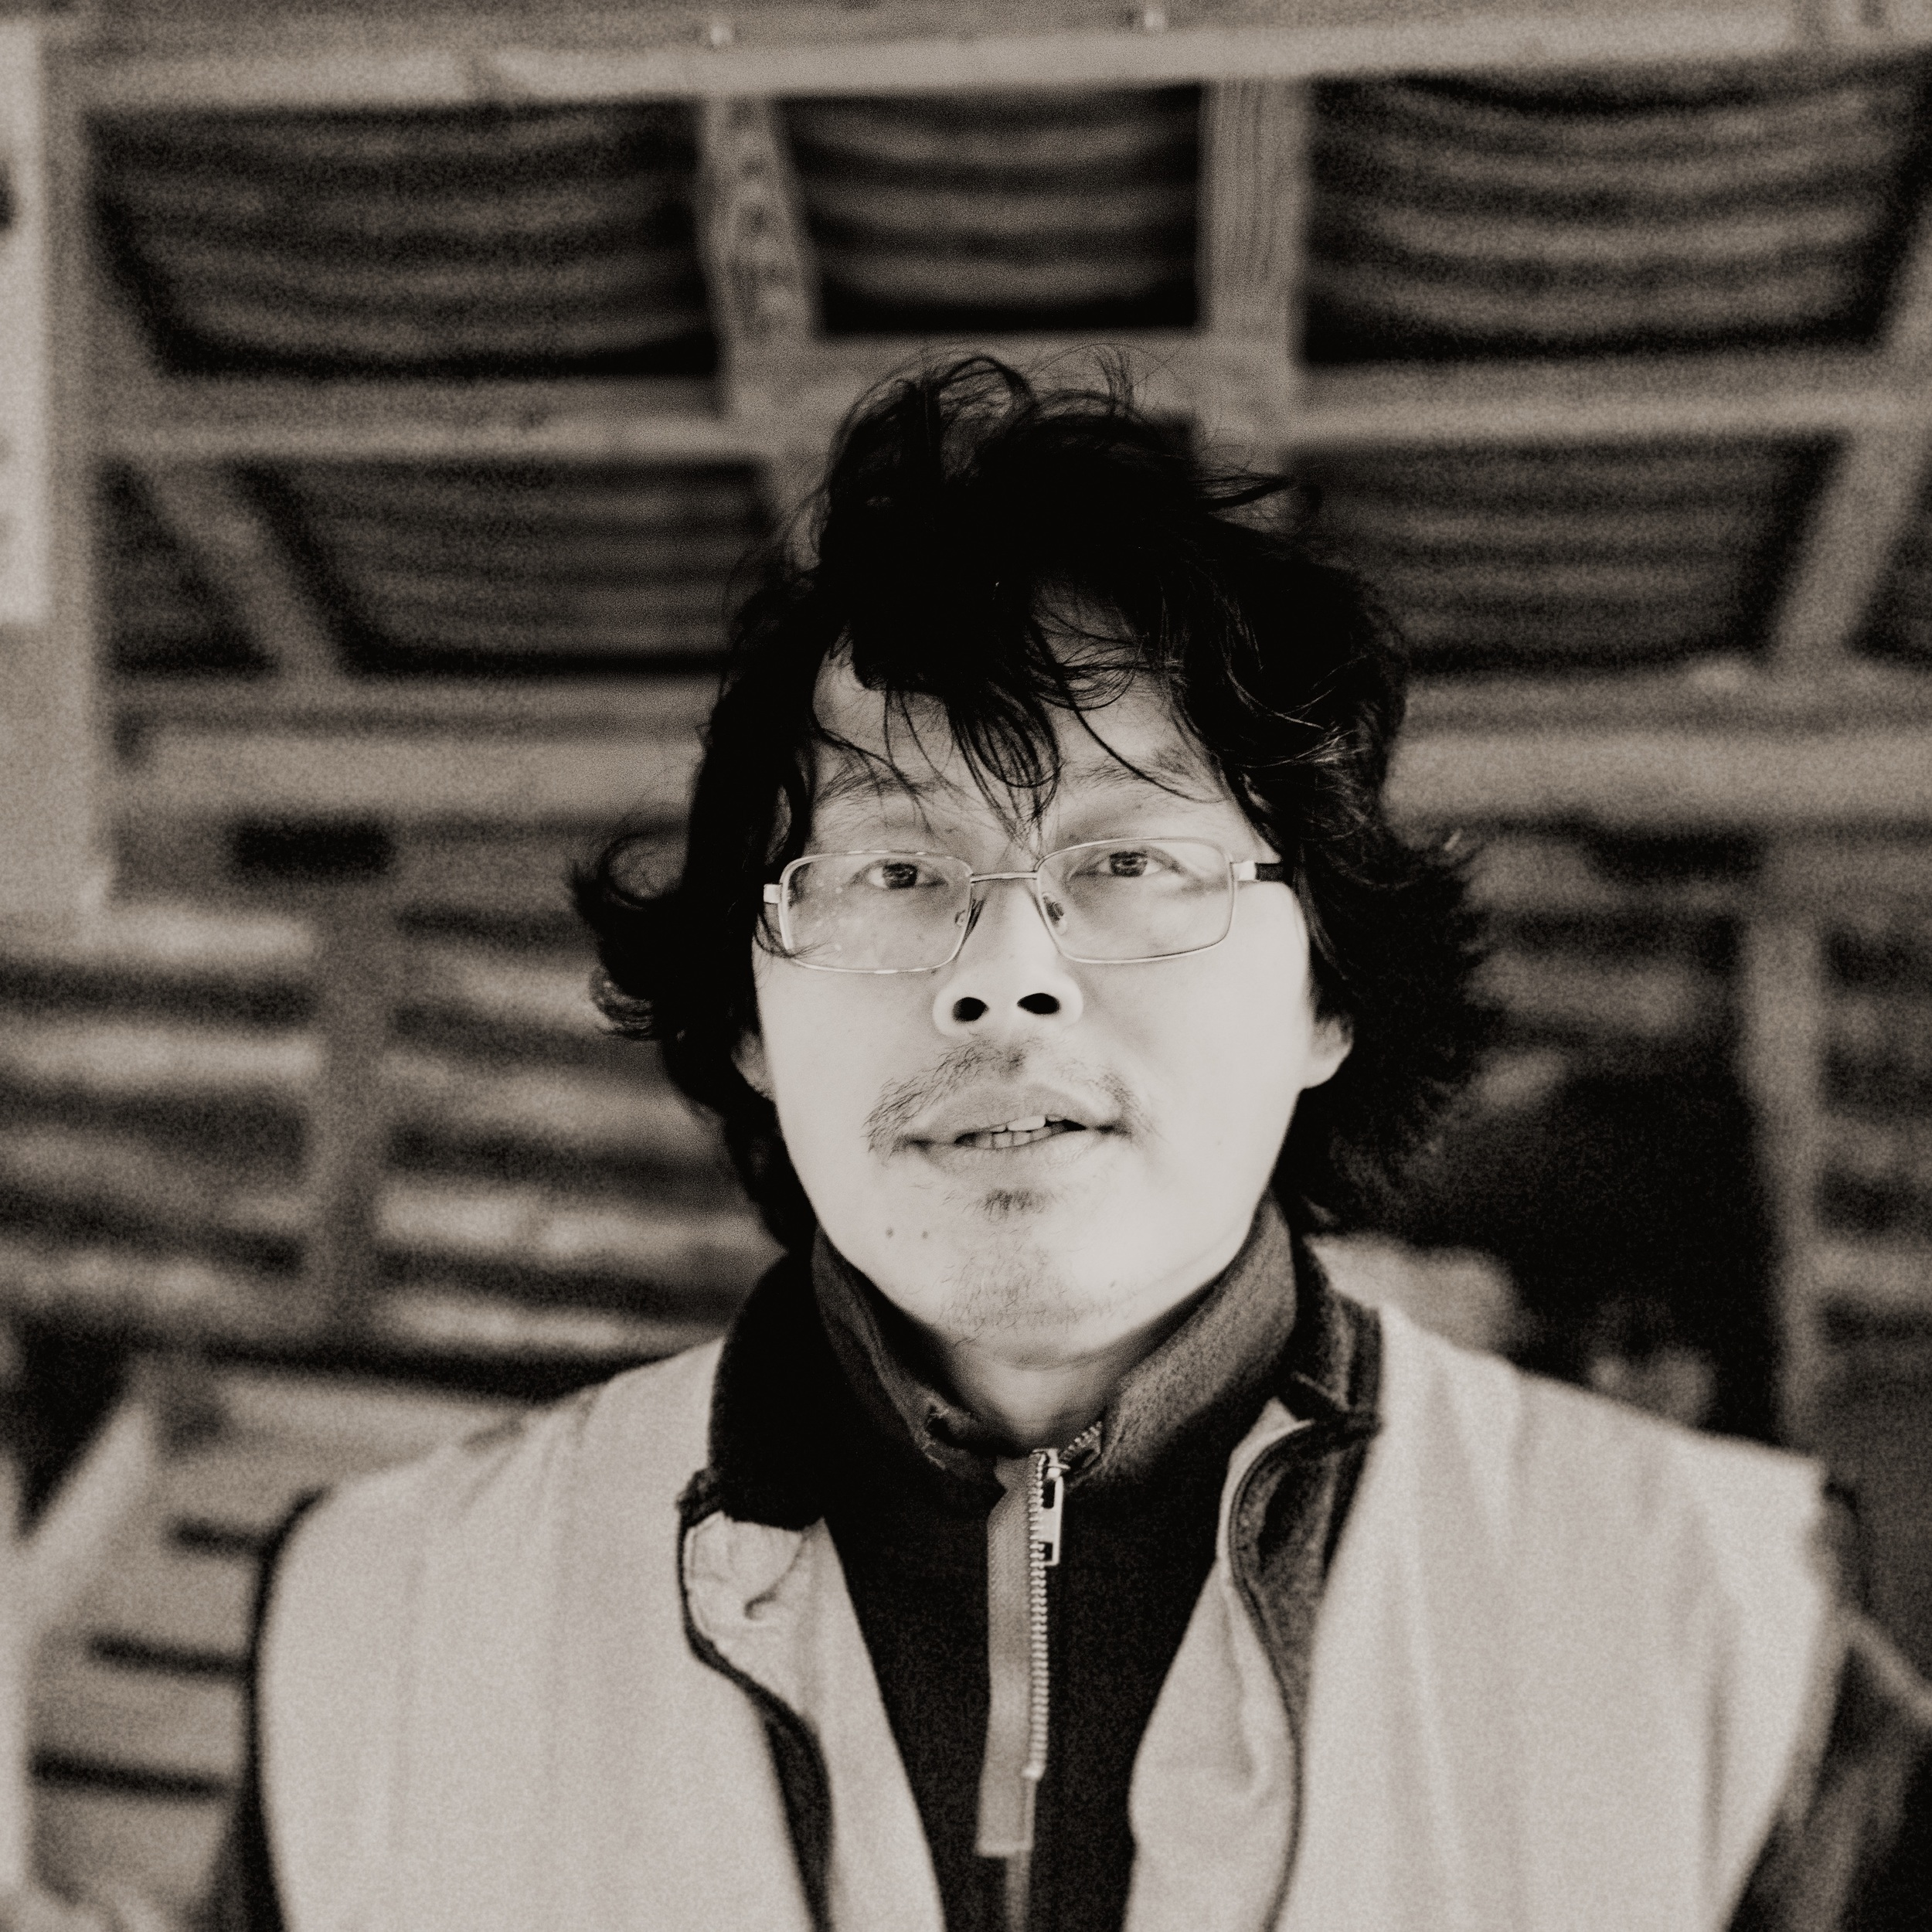 Chink-1.jpg